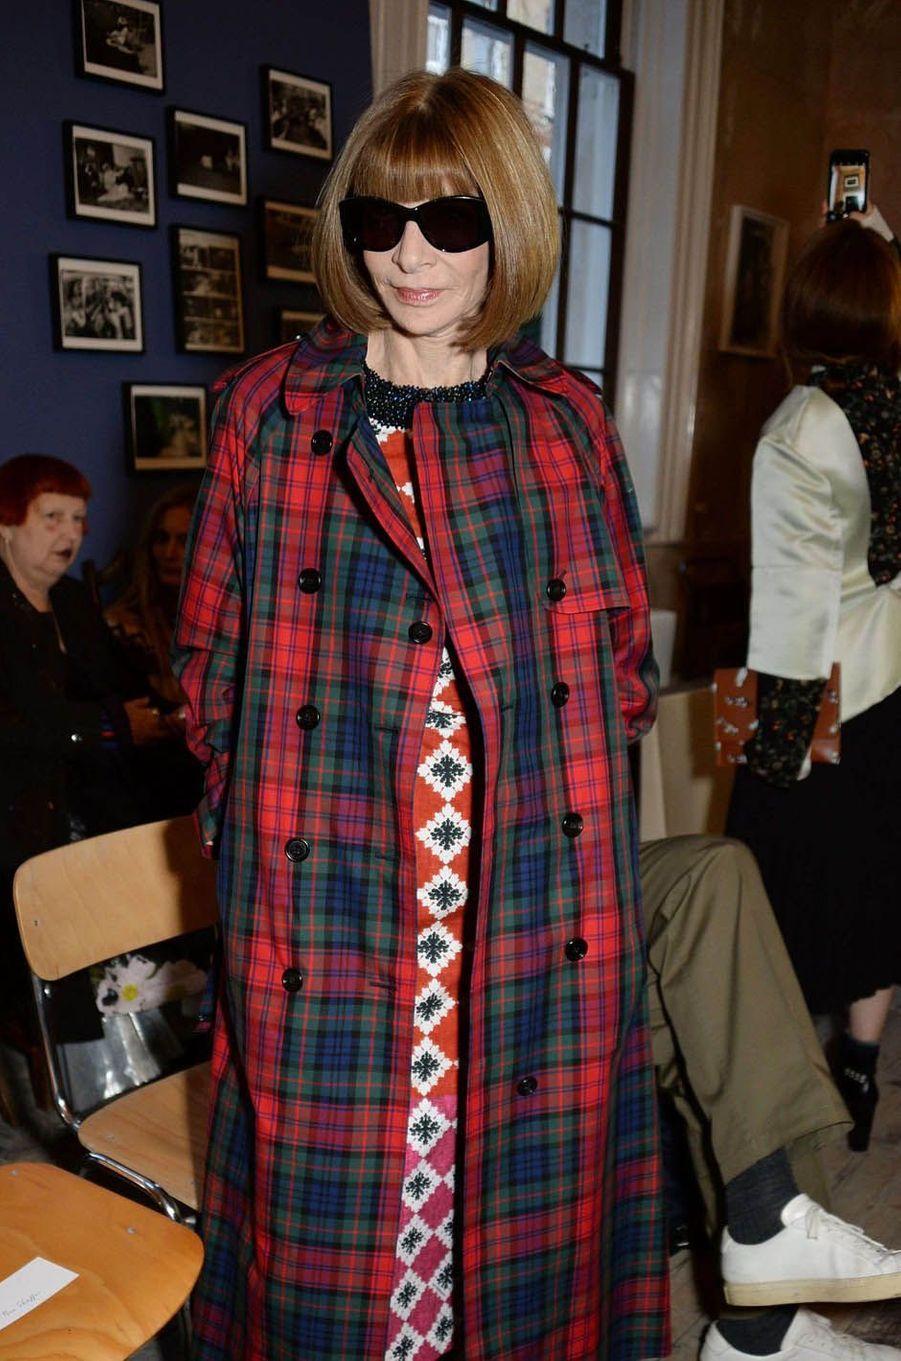 Anna Wintourau défilé Burberry à la Fashion Week de Londres, le 16 septembre 2017.